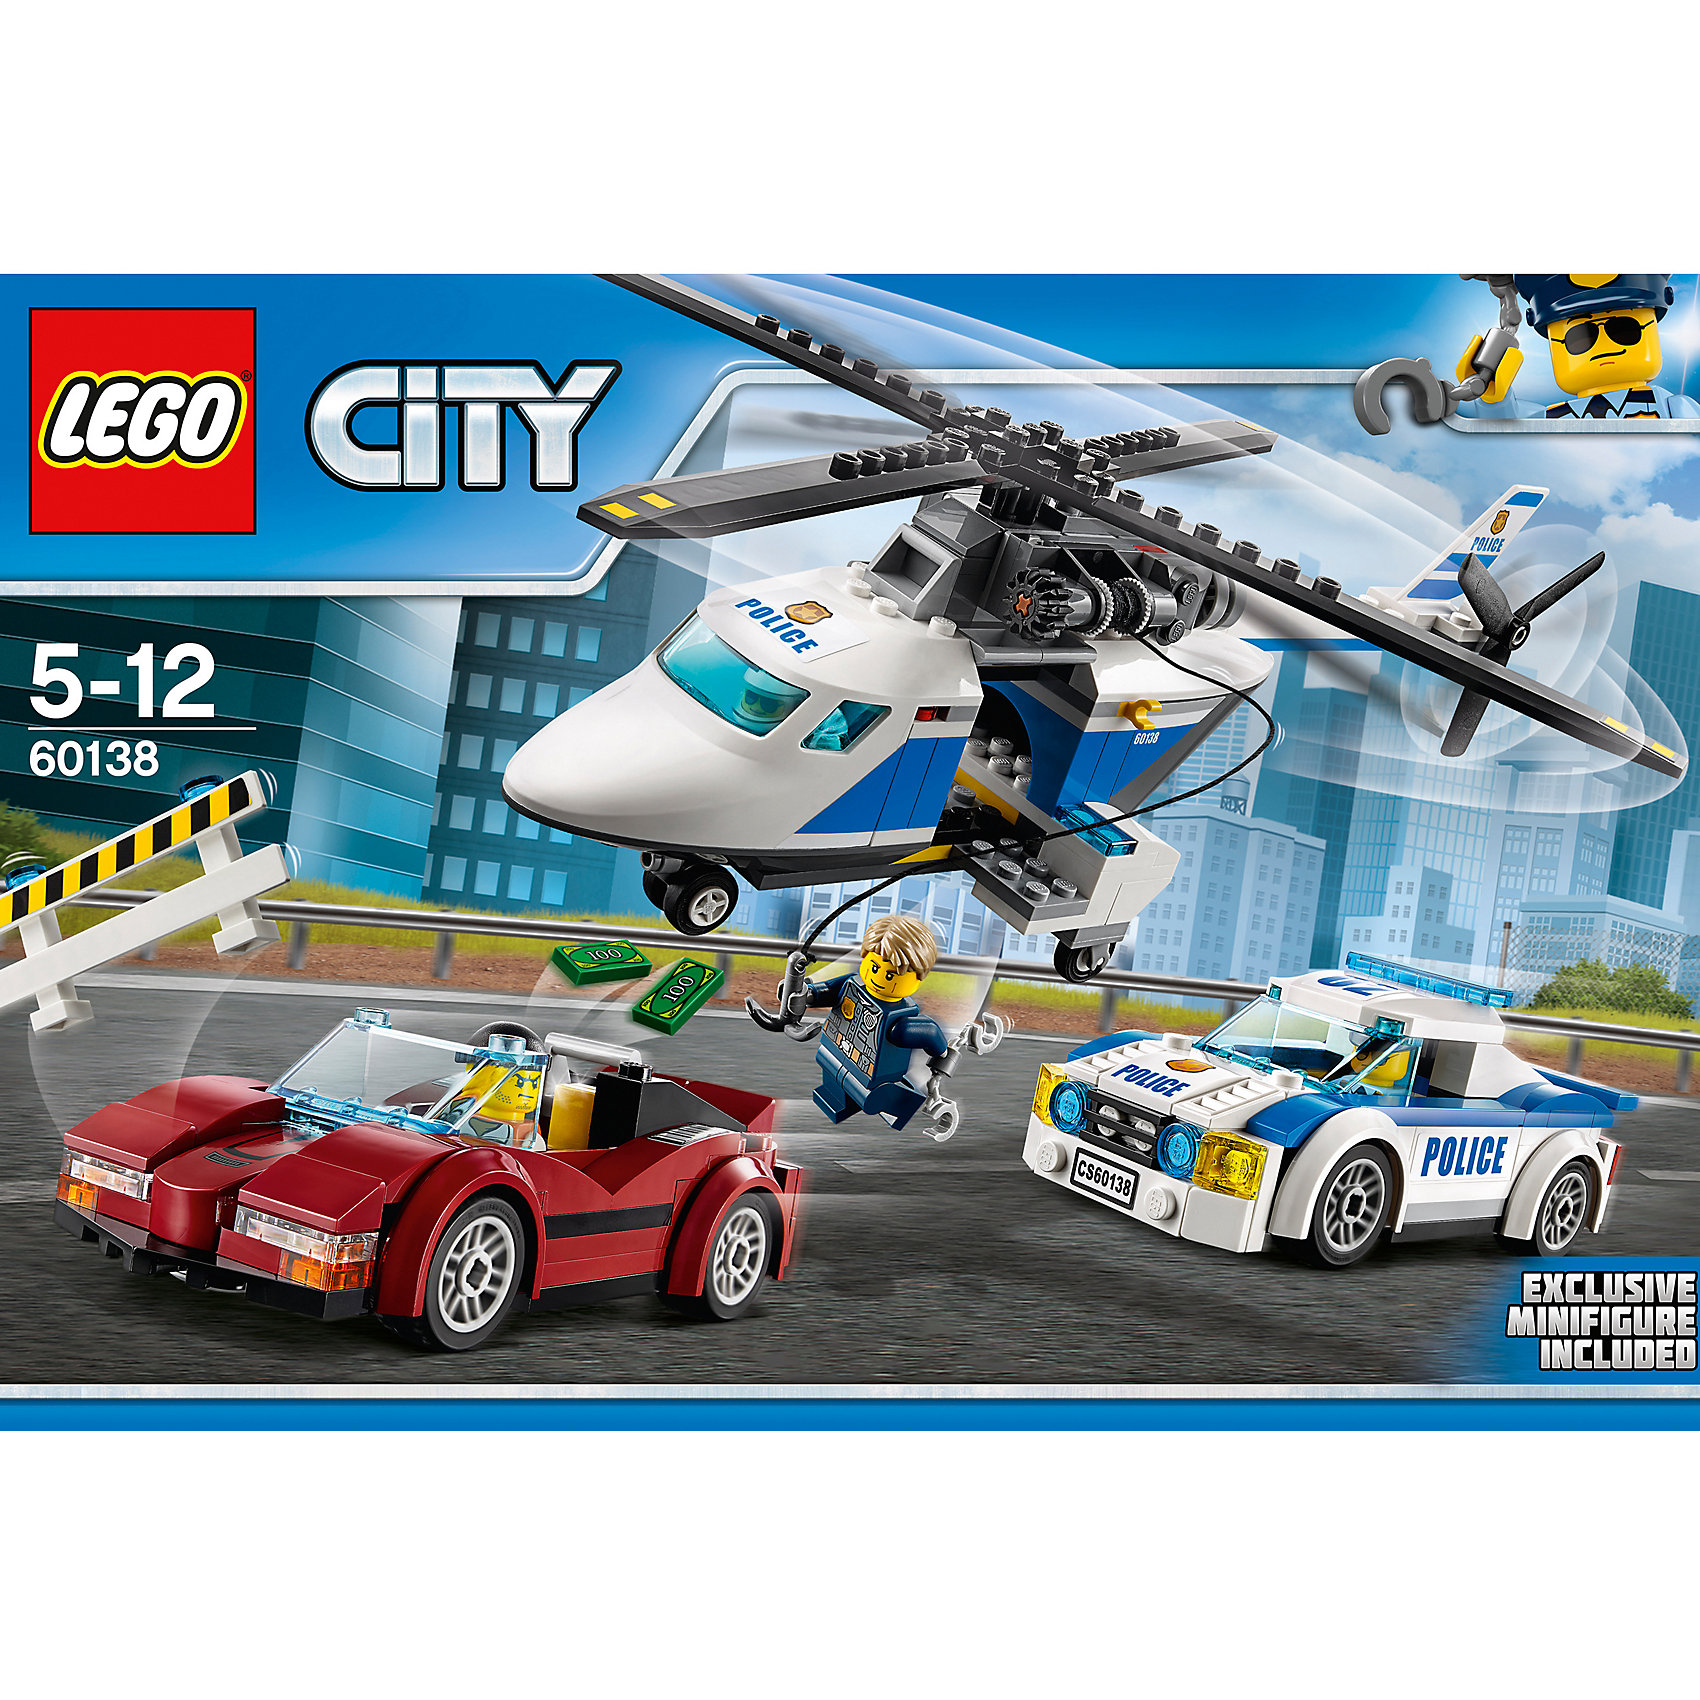 LEGO City 60138: Стремительная погоняПластмассовые конструкторы<br>LEGO City 60138: Стремительная погоня<br><br>Характеристики:<br><br>- в набор входит: вертолет, полицейская машина, спортивная машина, 4 фигурки, аксессуары, инструкция<br>- состав: пластик<br>- количество деталей: 294<br>- размер коробки: 38 * 7 * 26 см.<br>- размер спортивной машины: 12 * 5 * 4 см.<br>- размер полицейской машины: 11 * 5 * 4 см. <br>- размер вертолета: 33 * 26 * 11 см.<br>- для детей в возрасте: от 5 до 12 лет<br>- Страна производитель: Дания/Китай/Чехия<br><br>Легендарный конструктор LEGO (ЛЕГО) представляет серию «City» (Сити) в виде деталей жизни большого города, в котором есть абсолютно все. Серия делает игры еще более настоящими, благодаря отличным аксессуарам. Стражи закона Лего Сити всегда готовы прийти на помощь жителям города. На этот раз был замечен автомобиль, превышающий скорость. Как оказалось, машина был угнана. Патрульные полицейские перекрыли дорогу и вызвали в подмогу полицейский вертолет. Все детали на колесиках двигаются и подходят к другим наборам Лего. Вертолет и машины  отлично выполнены и содержат в своем составе много маленьких и уникальных деталей. Механизм лебедки в вертолете поможет полицейским захватить преступника с воздуха. Минифигурки отлично детализированы и качественно прорисованы. Шлемы полицейского снимается, а прозрачное стекло отодвигается назад. В набор аксессуаров входит перекрытие дороги, наручники, денежные детали, рация. Помоги полицейским добиться справедливости. Моделируй разные истории и ситуации в Лего Сити!<br><br>Конструктор LEGO City 60138: Стремительная погоня можно купить в нашем интернет-магазине.<br><br>Ширина мм: 382<br>Глубина мм: 261<br>Высота мм: 76<br>Вес г: 606<br>Возраст от месяцев: 60<br>Возраст до месяцев: 144<br>Пол: Мужской<br>Возраст: Детский<br>SKU: 5002452